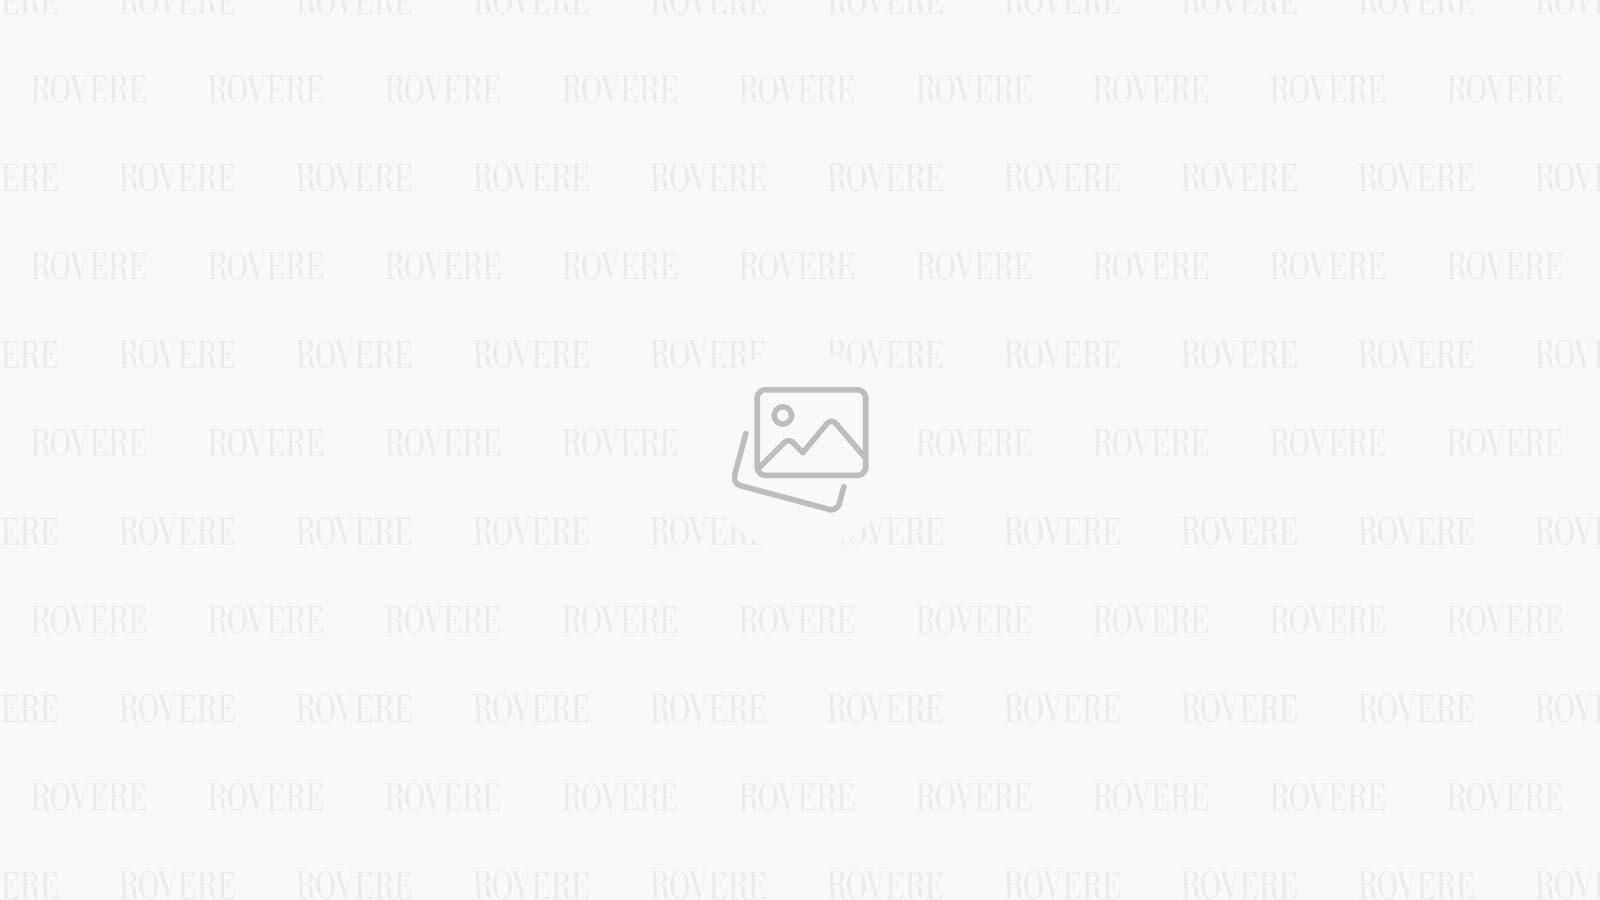 Canapea cu sezlong dreapta Stupore textil culoarea Mustard